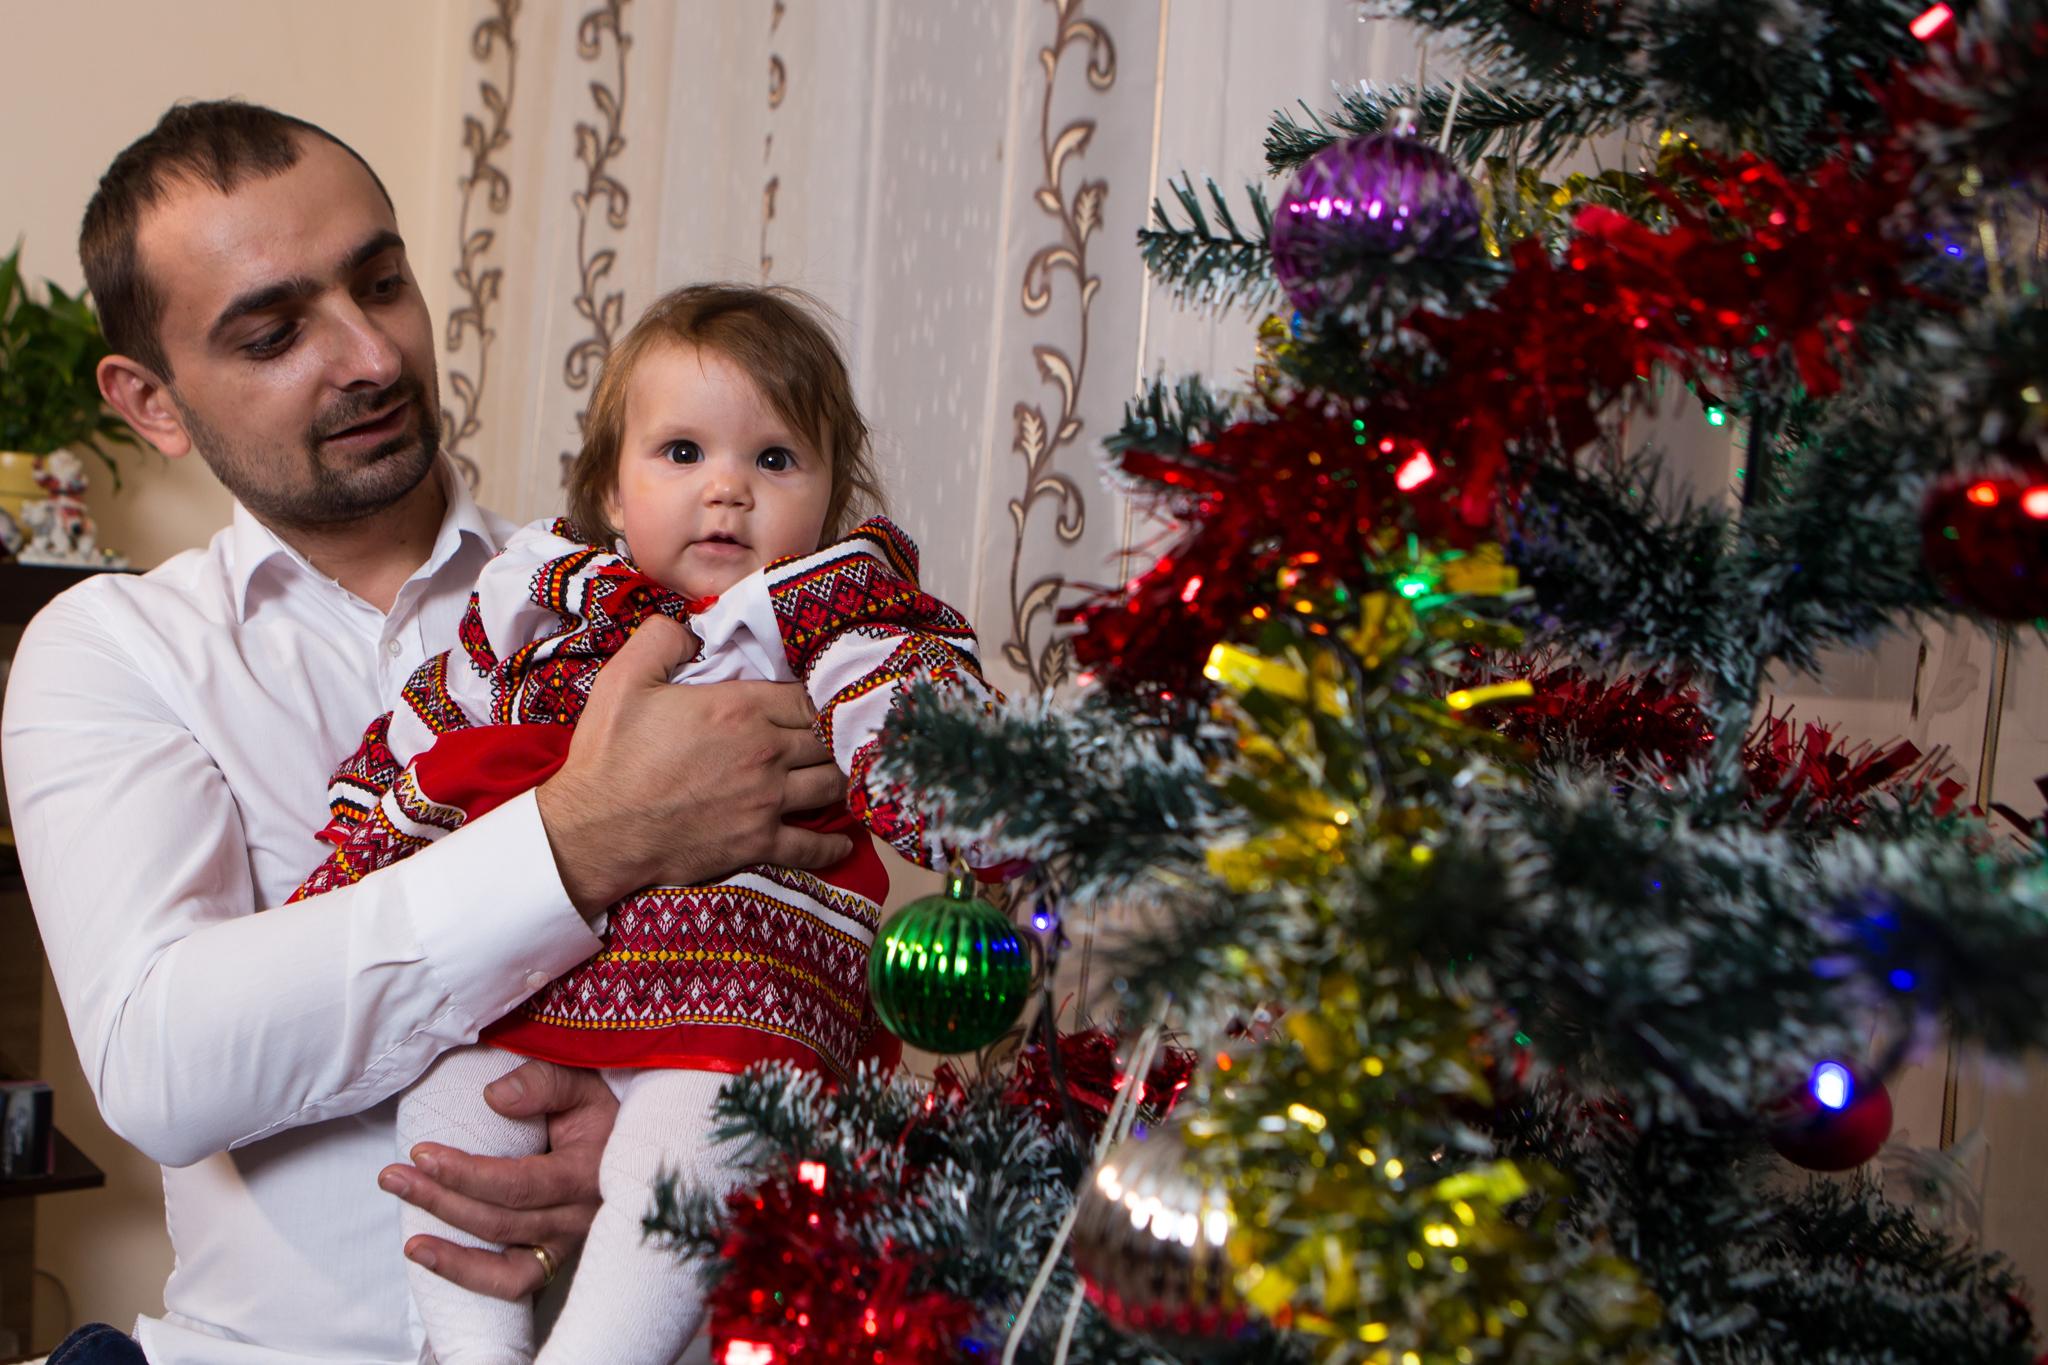 antonia elena 127 of 350 Ședință foto de Crăciun